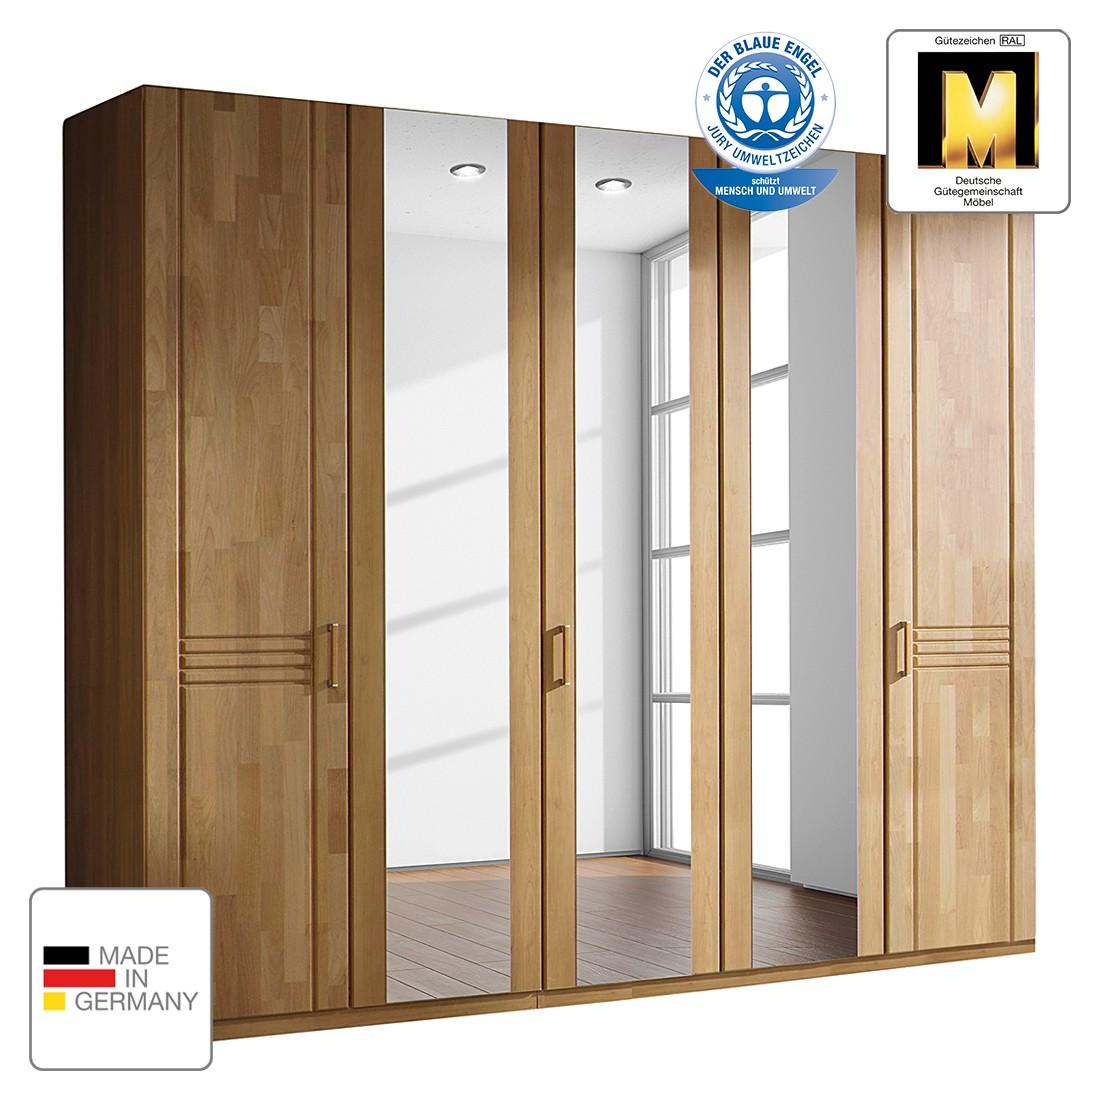 goedkoop Draaideurkast Savina Wild eikenhout 282cm 6 deurs 2 spiegeldeuren Zonder Passe partout lijst Rauch Steffen